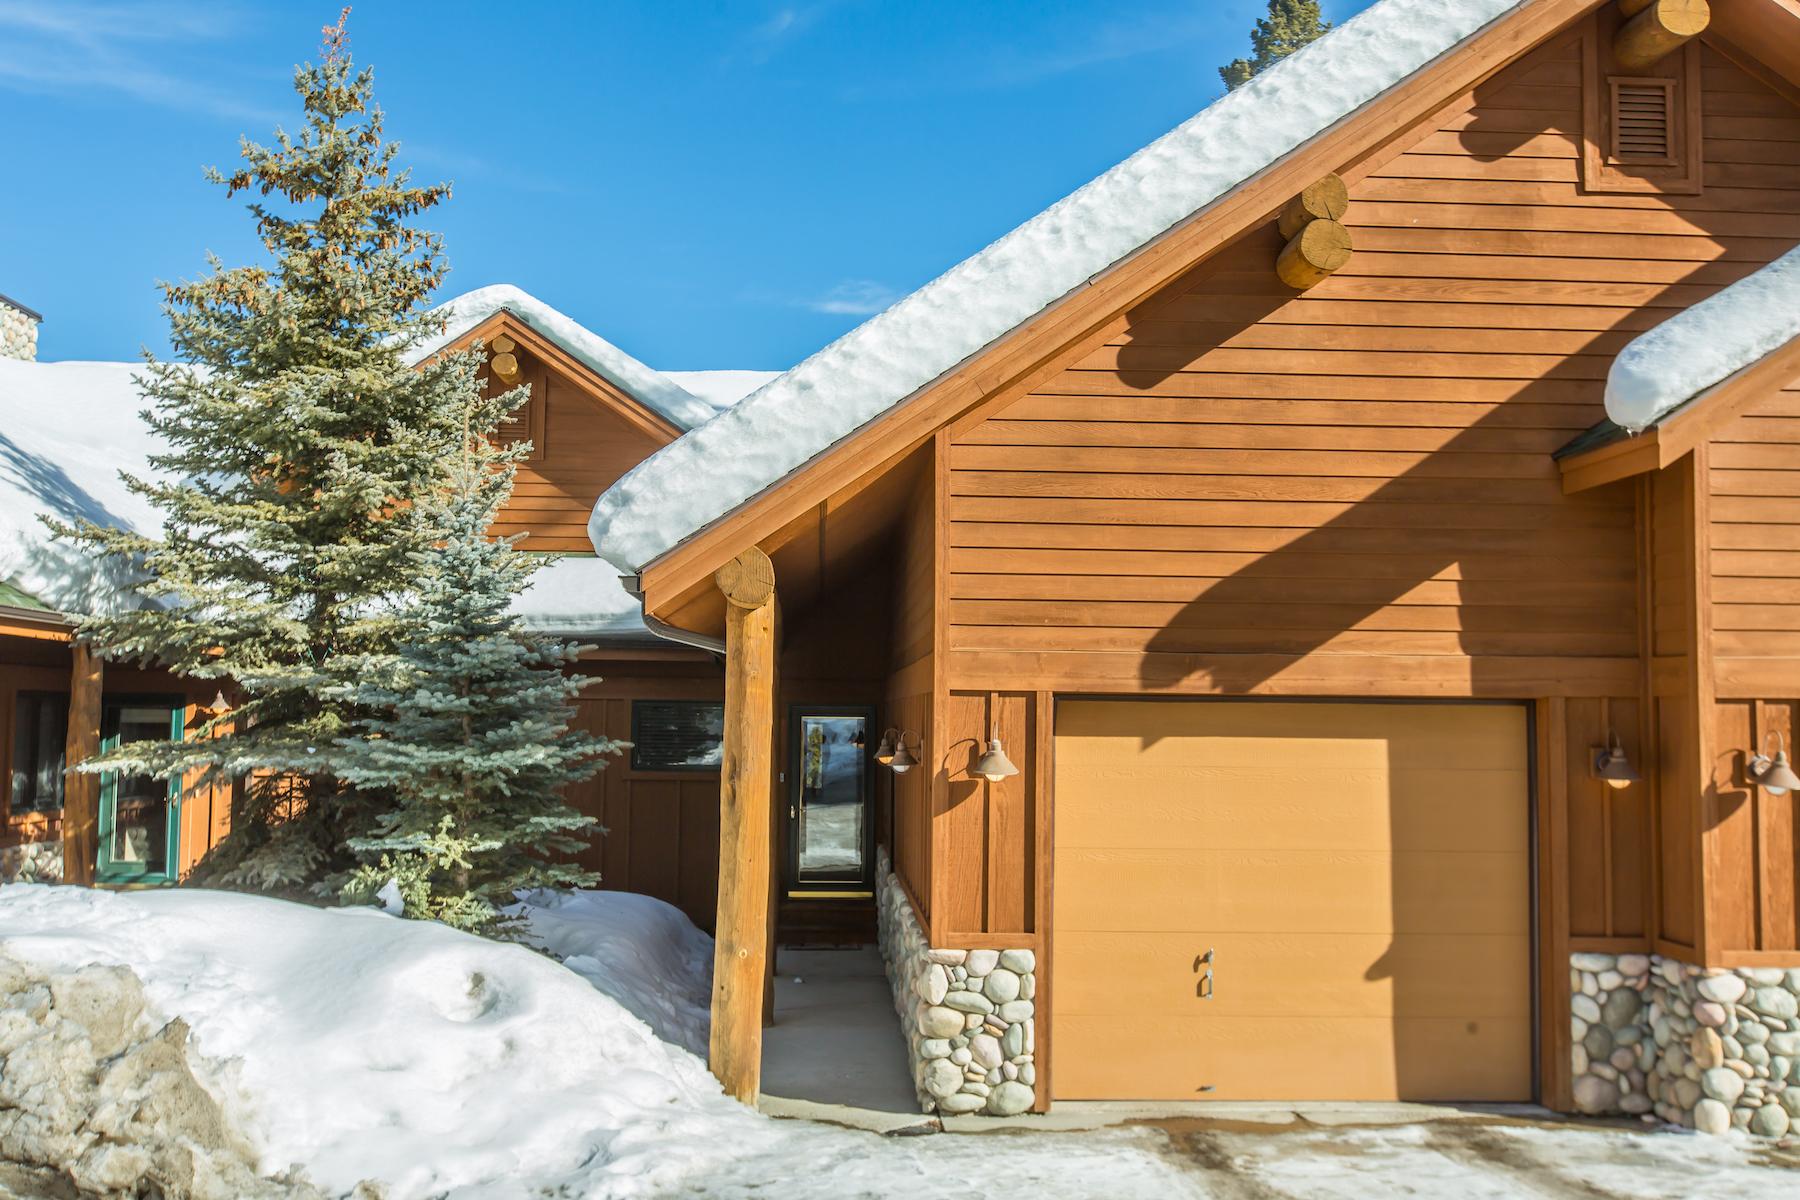 Condominio per Vendita alle ore The Pines B3 25 Blue Spruce Way Pines Condo B-3 Big Sky, Montana, 59716 Stati Uniti